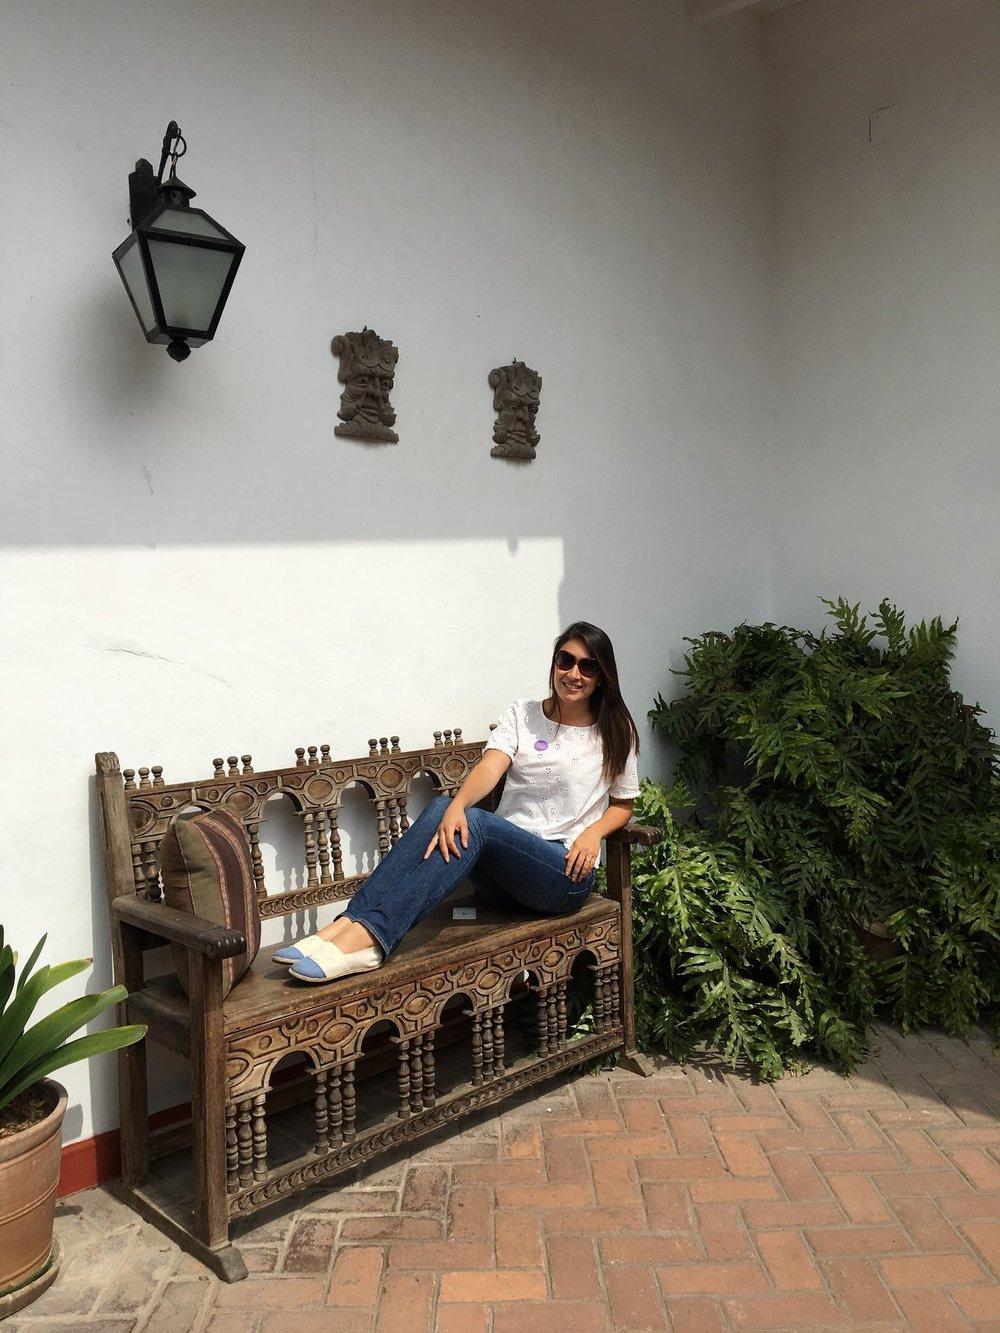 Museu Larco Museus em Lima Guia Turistico em Lima Passeios em Lima.jpg